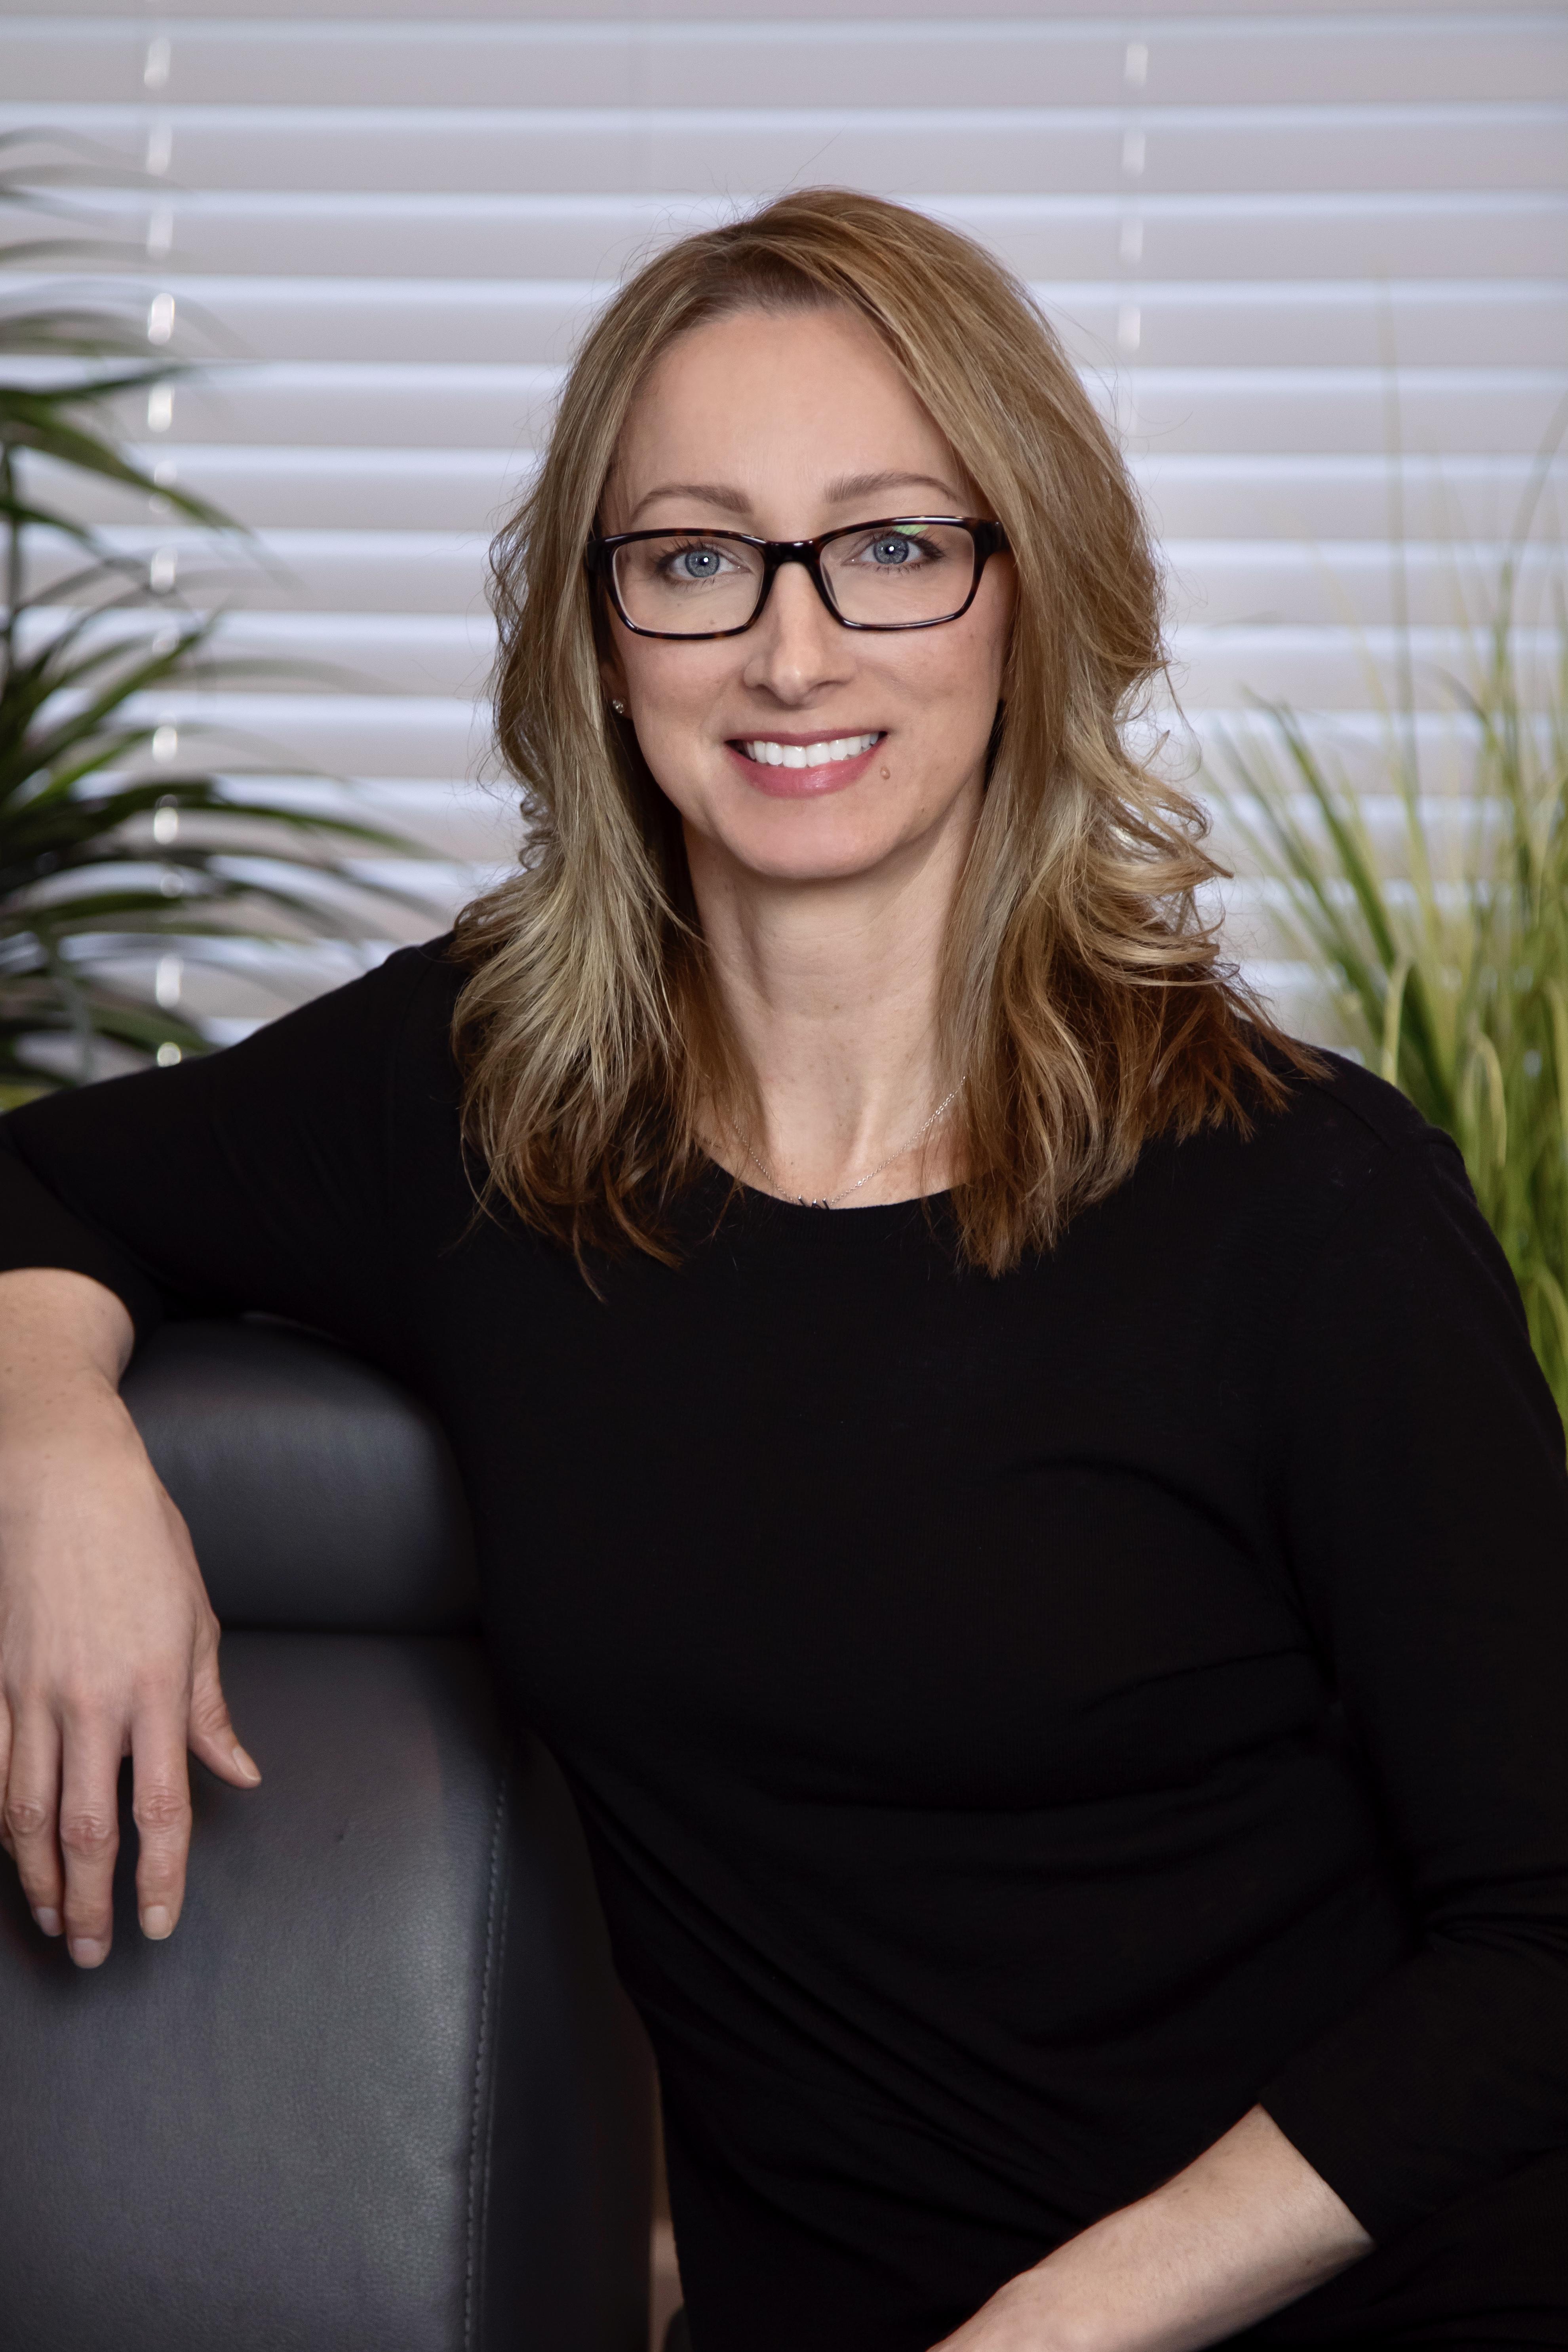 Agent Marianne McLaughlin